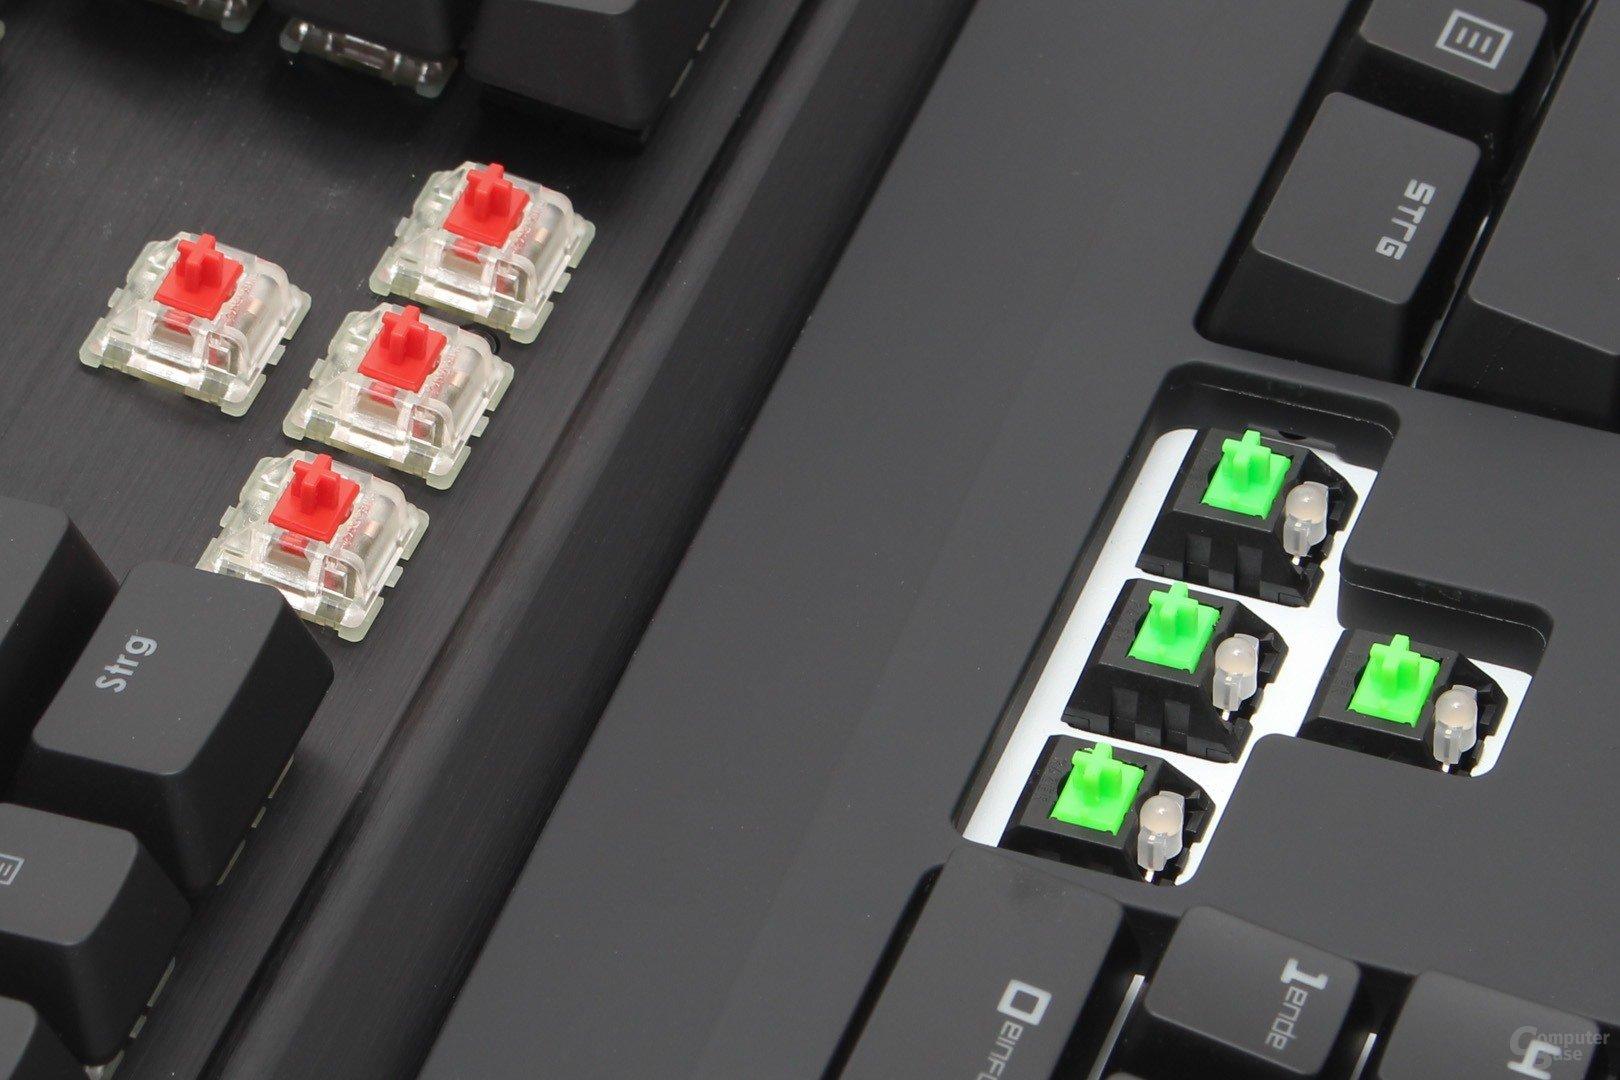 Unterschiedliche Konzepte: Cherry MX RGB (links) und Razer Green RGB (rechts)